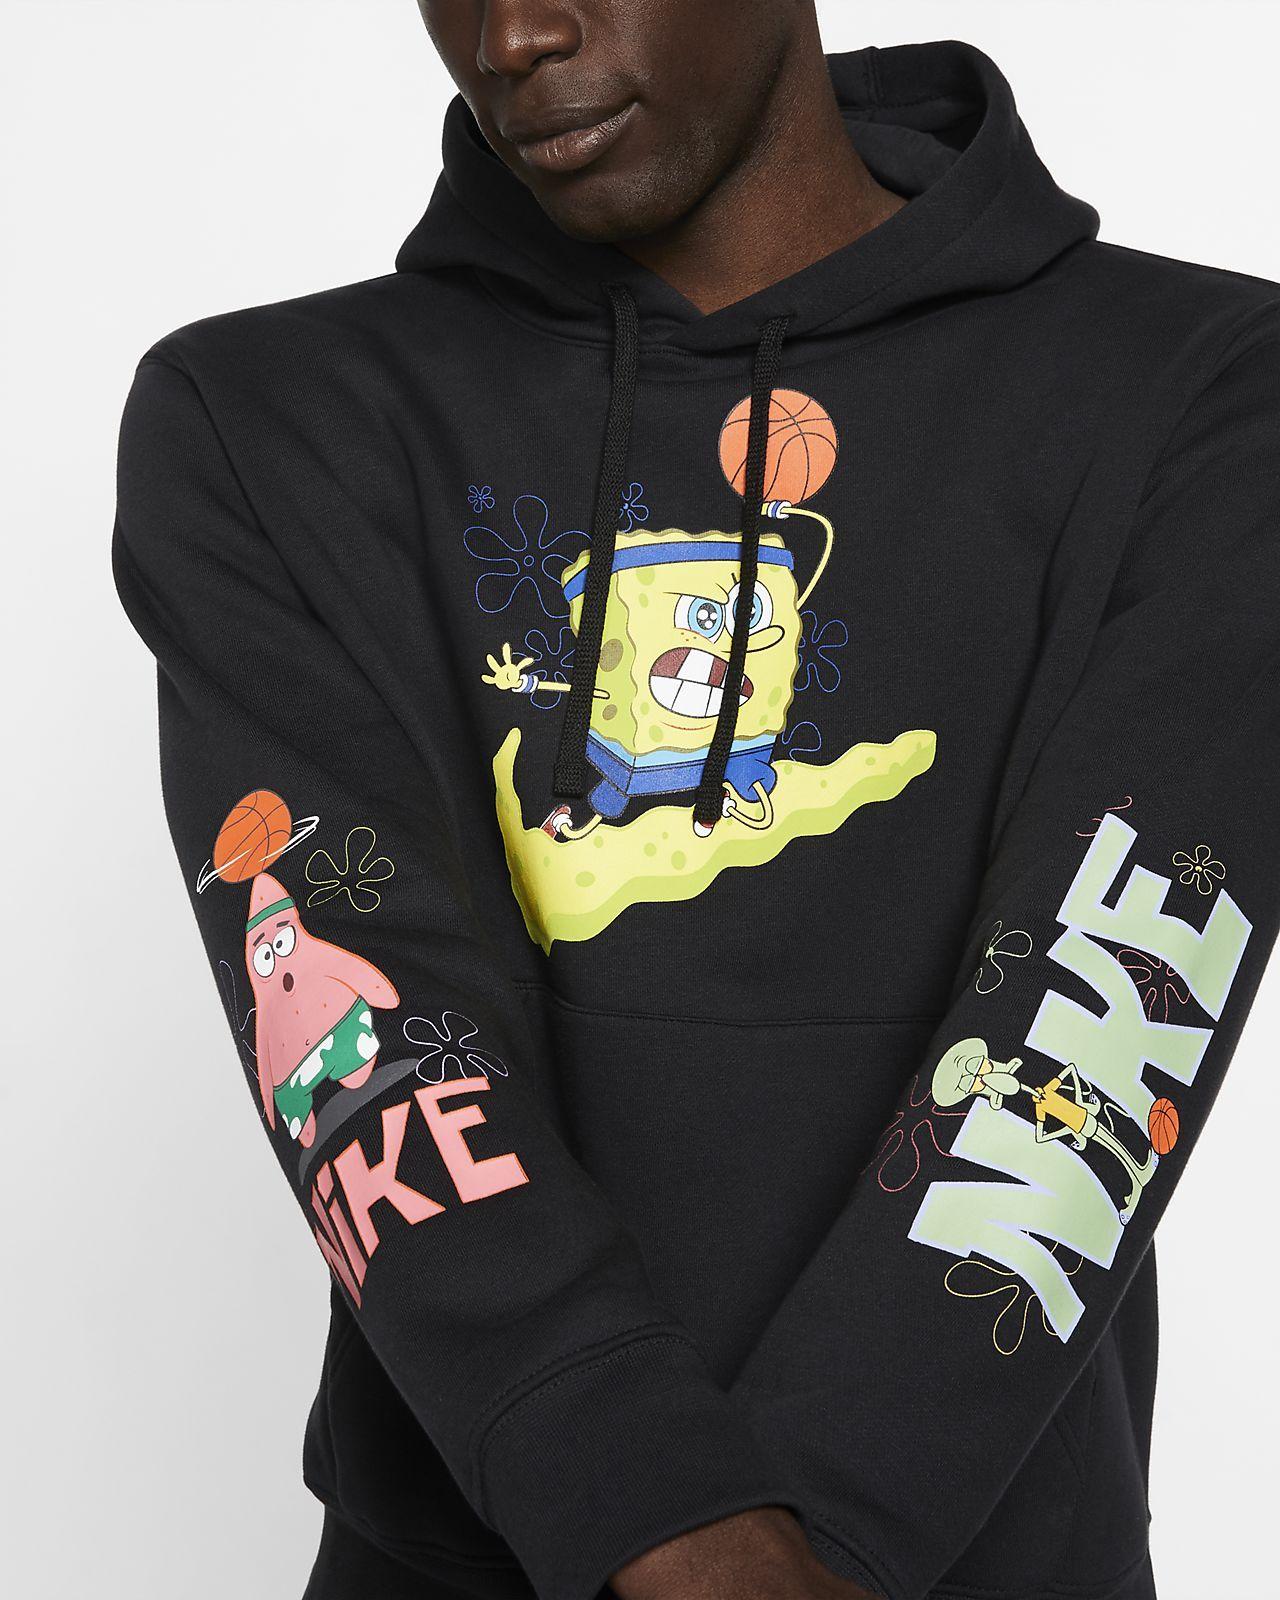 Canguro cansada bestia  Kyrie x Spongebob Men's Basketball Hoodie. Nike.com | Hoodies, Workout  hoodie, Black hoodie